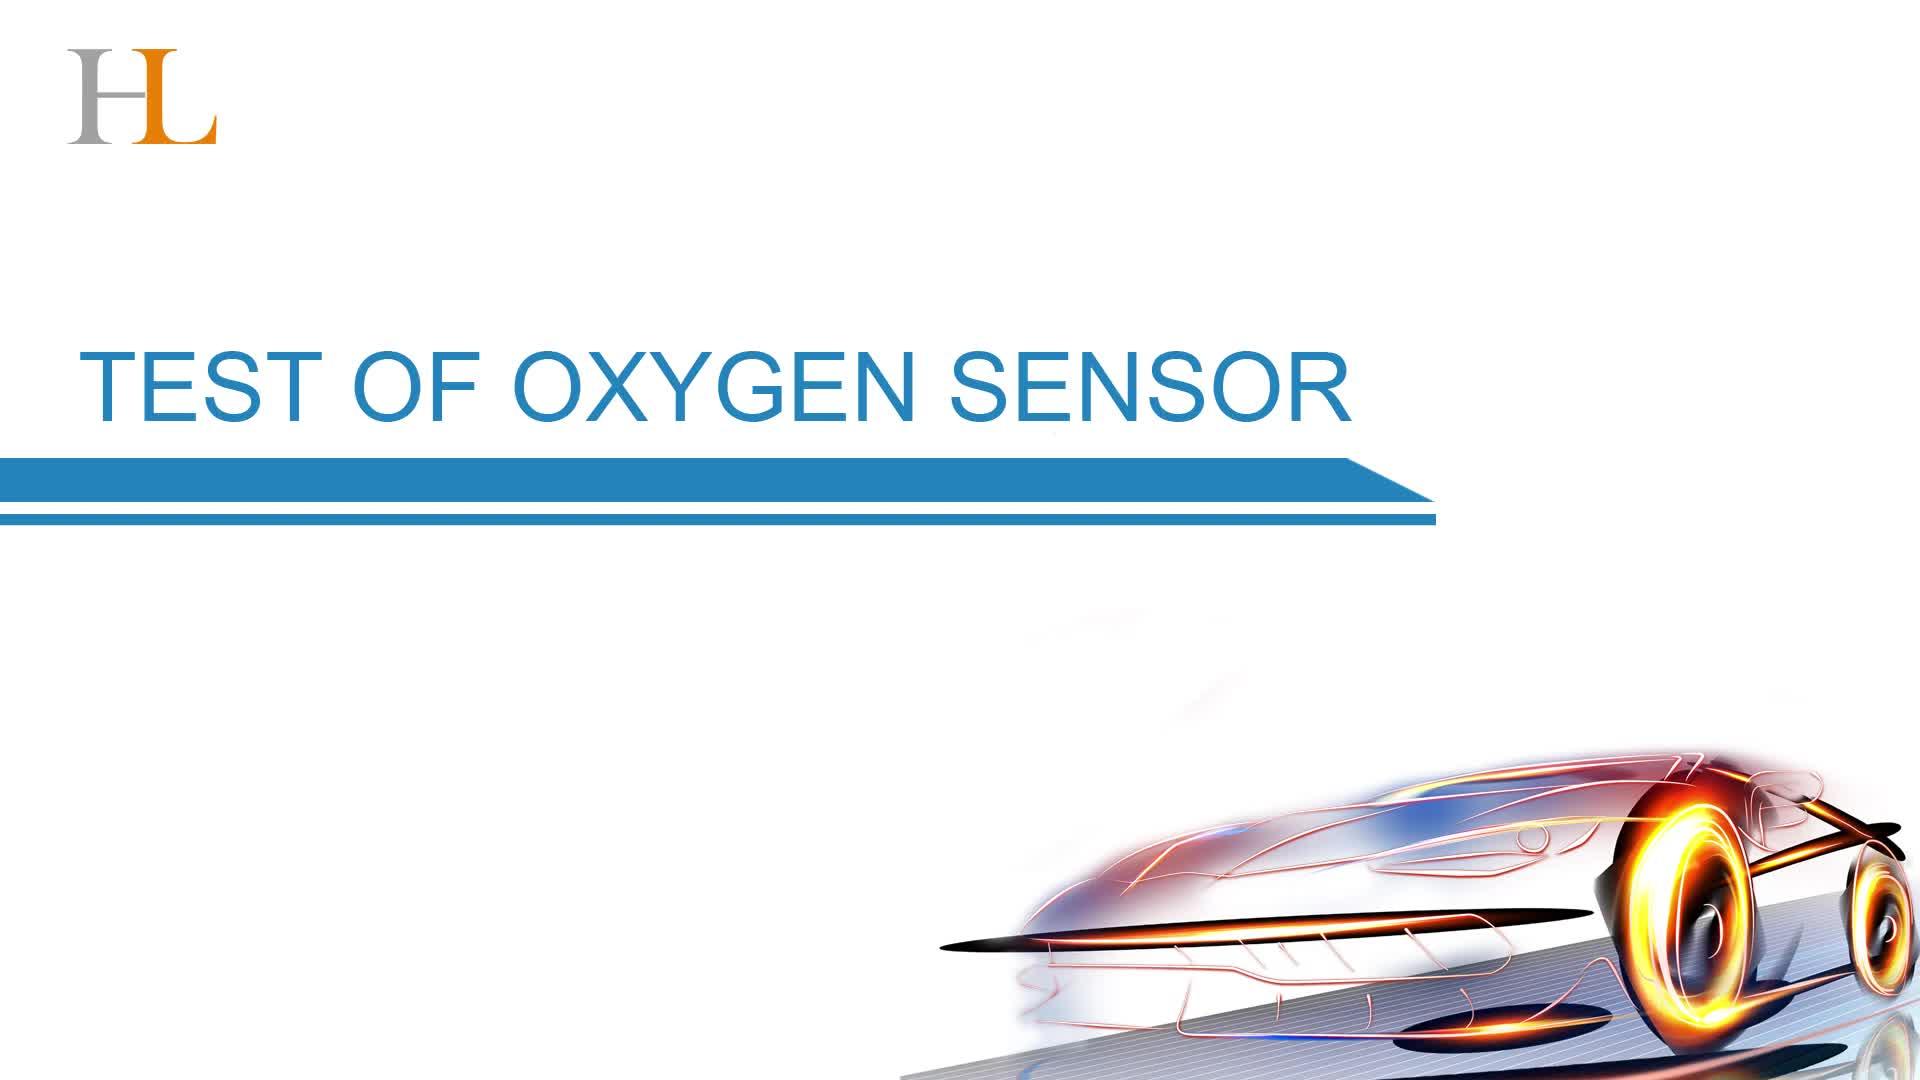 標準モータ製品自動車エンジン制御 o2 a2 ラムダ 4 ワイヤー溶存酸素センサー 11171843 車用